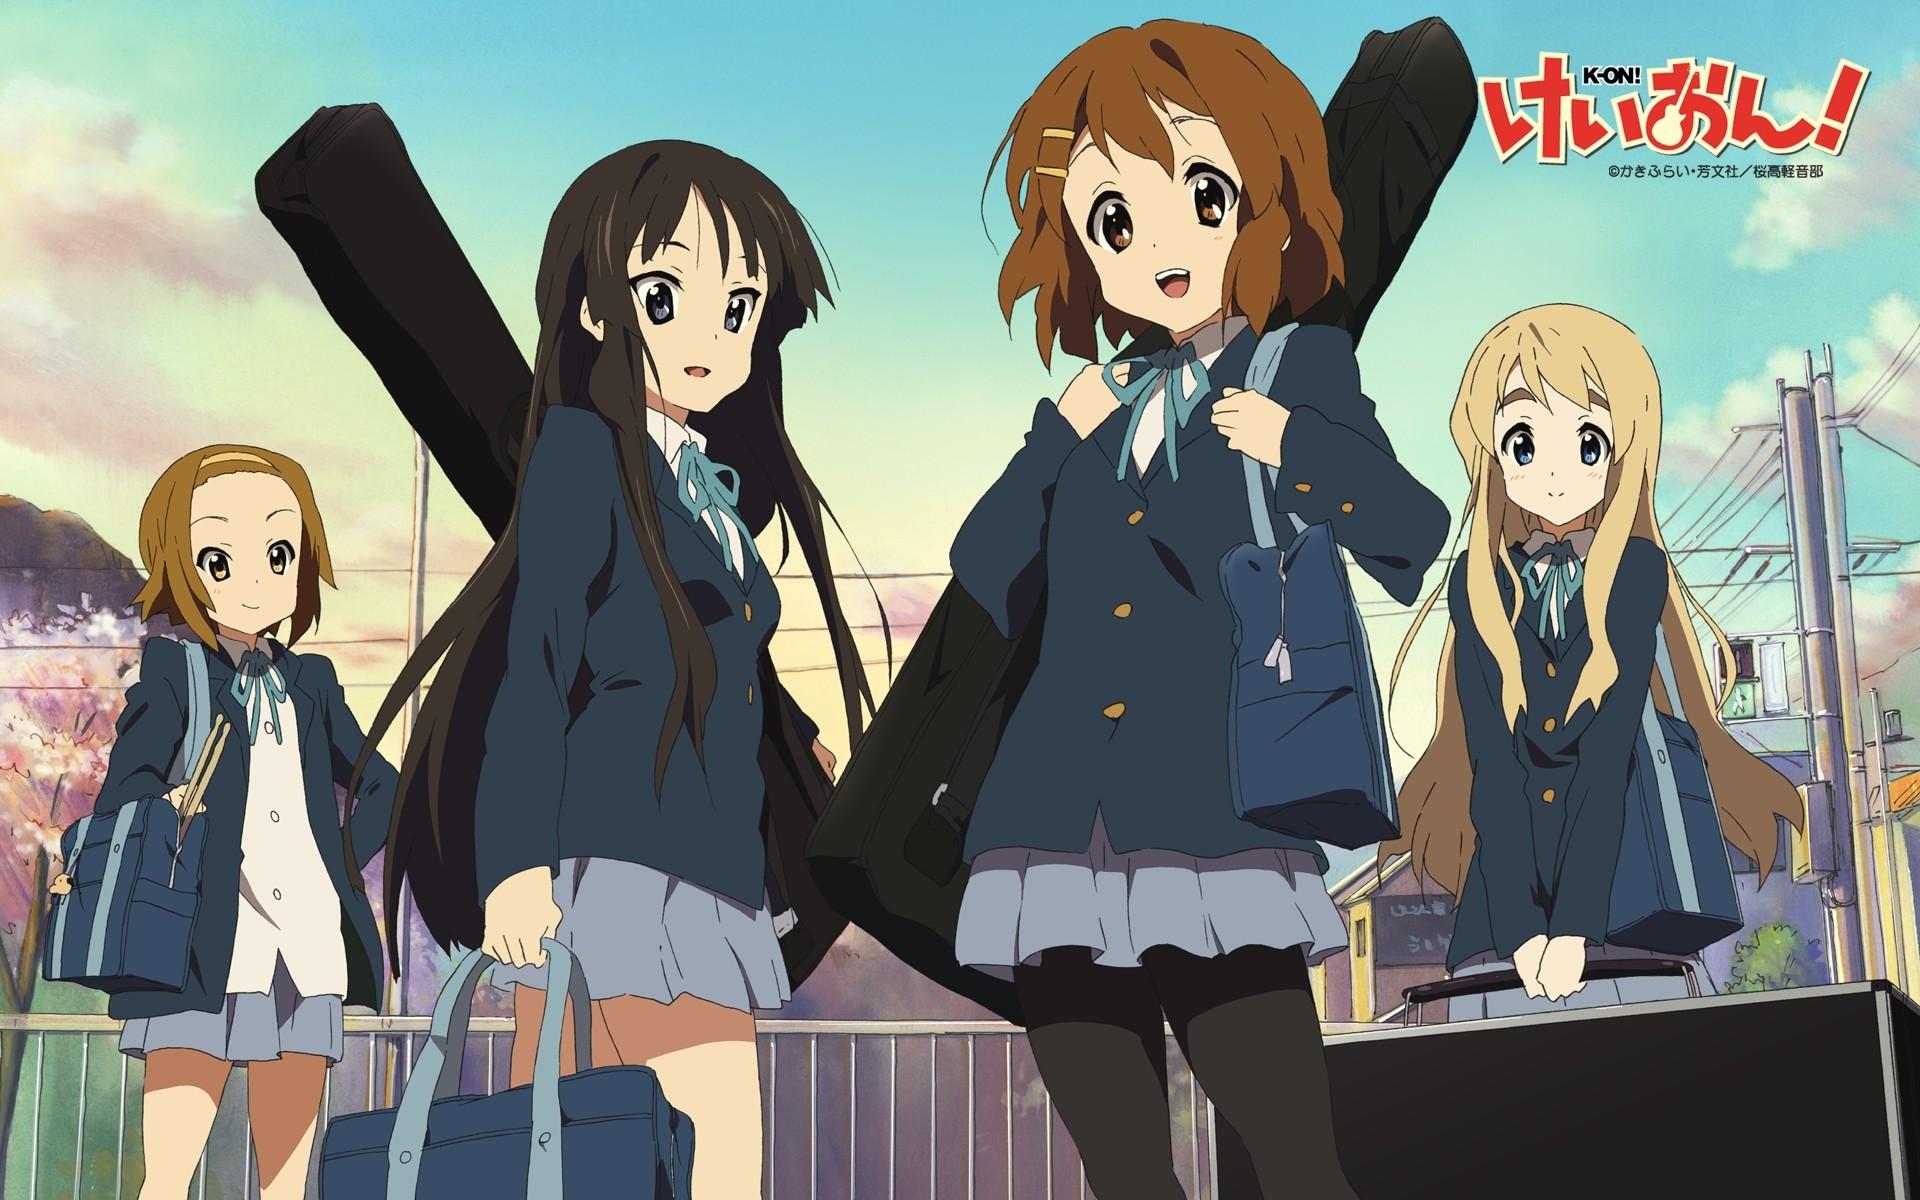 Anime 1920x1200 K-ON! anime girls Hirasawa Yui Akiyama Mio Kotobuki Tsumugi Tainaka Ritsu